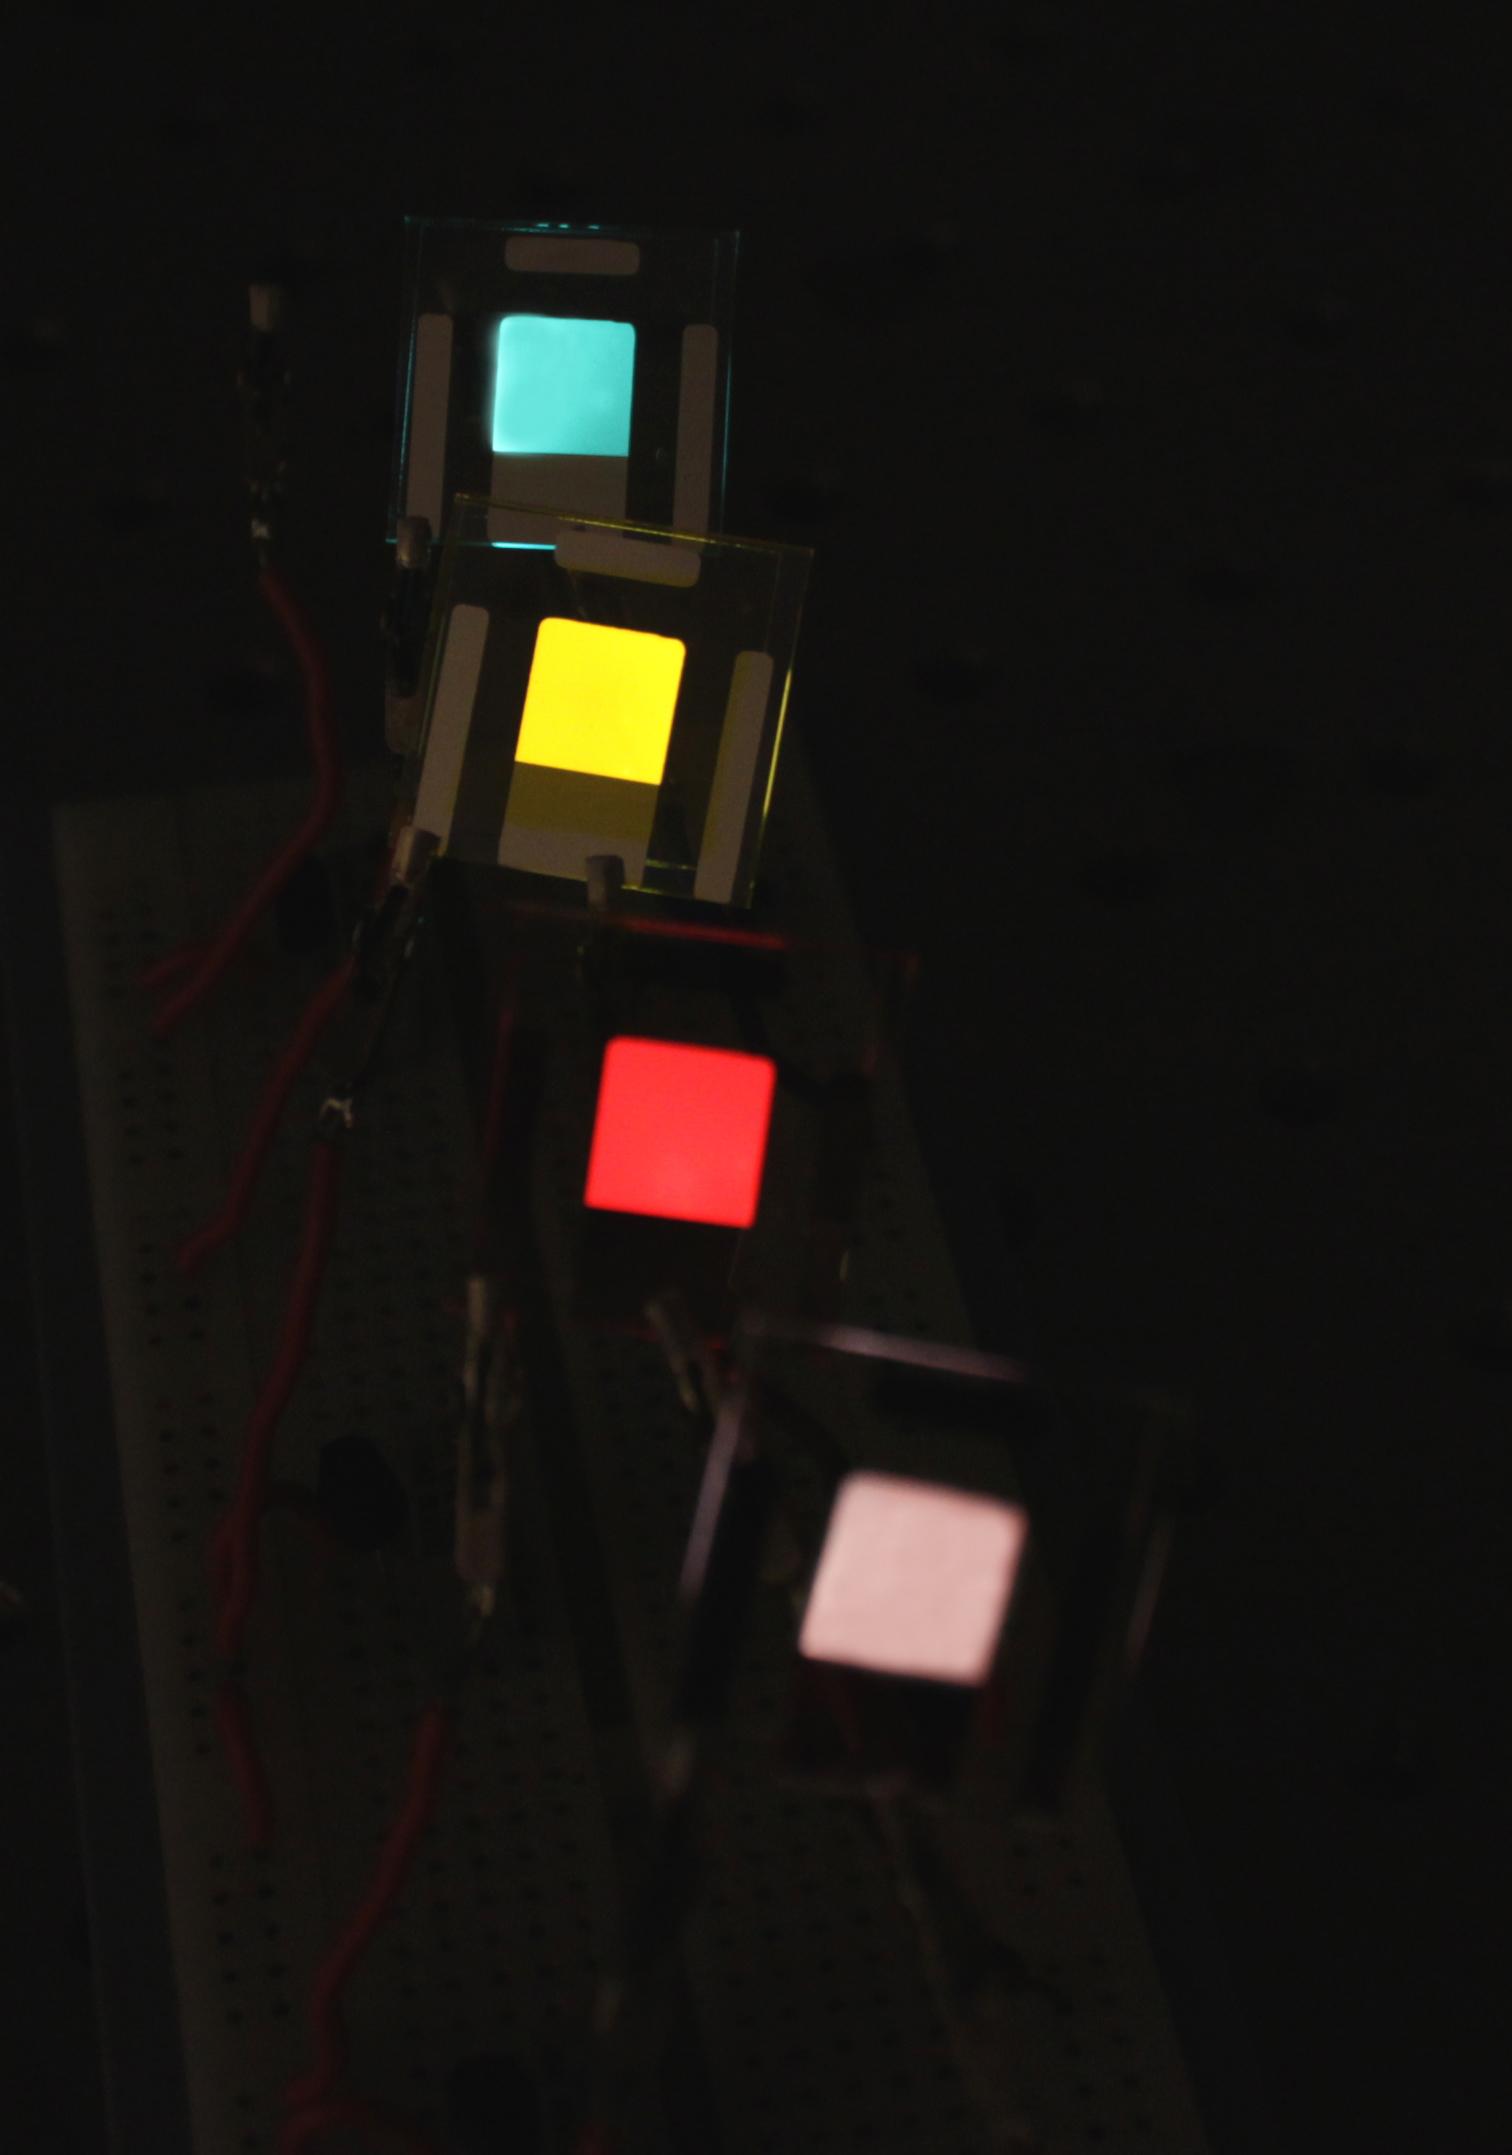 ee330a35586 Ljusemitterande elektrokemiska celler kan tillverkas i många olika färger.